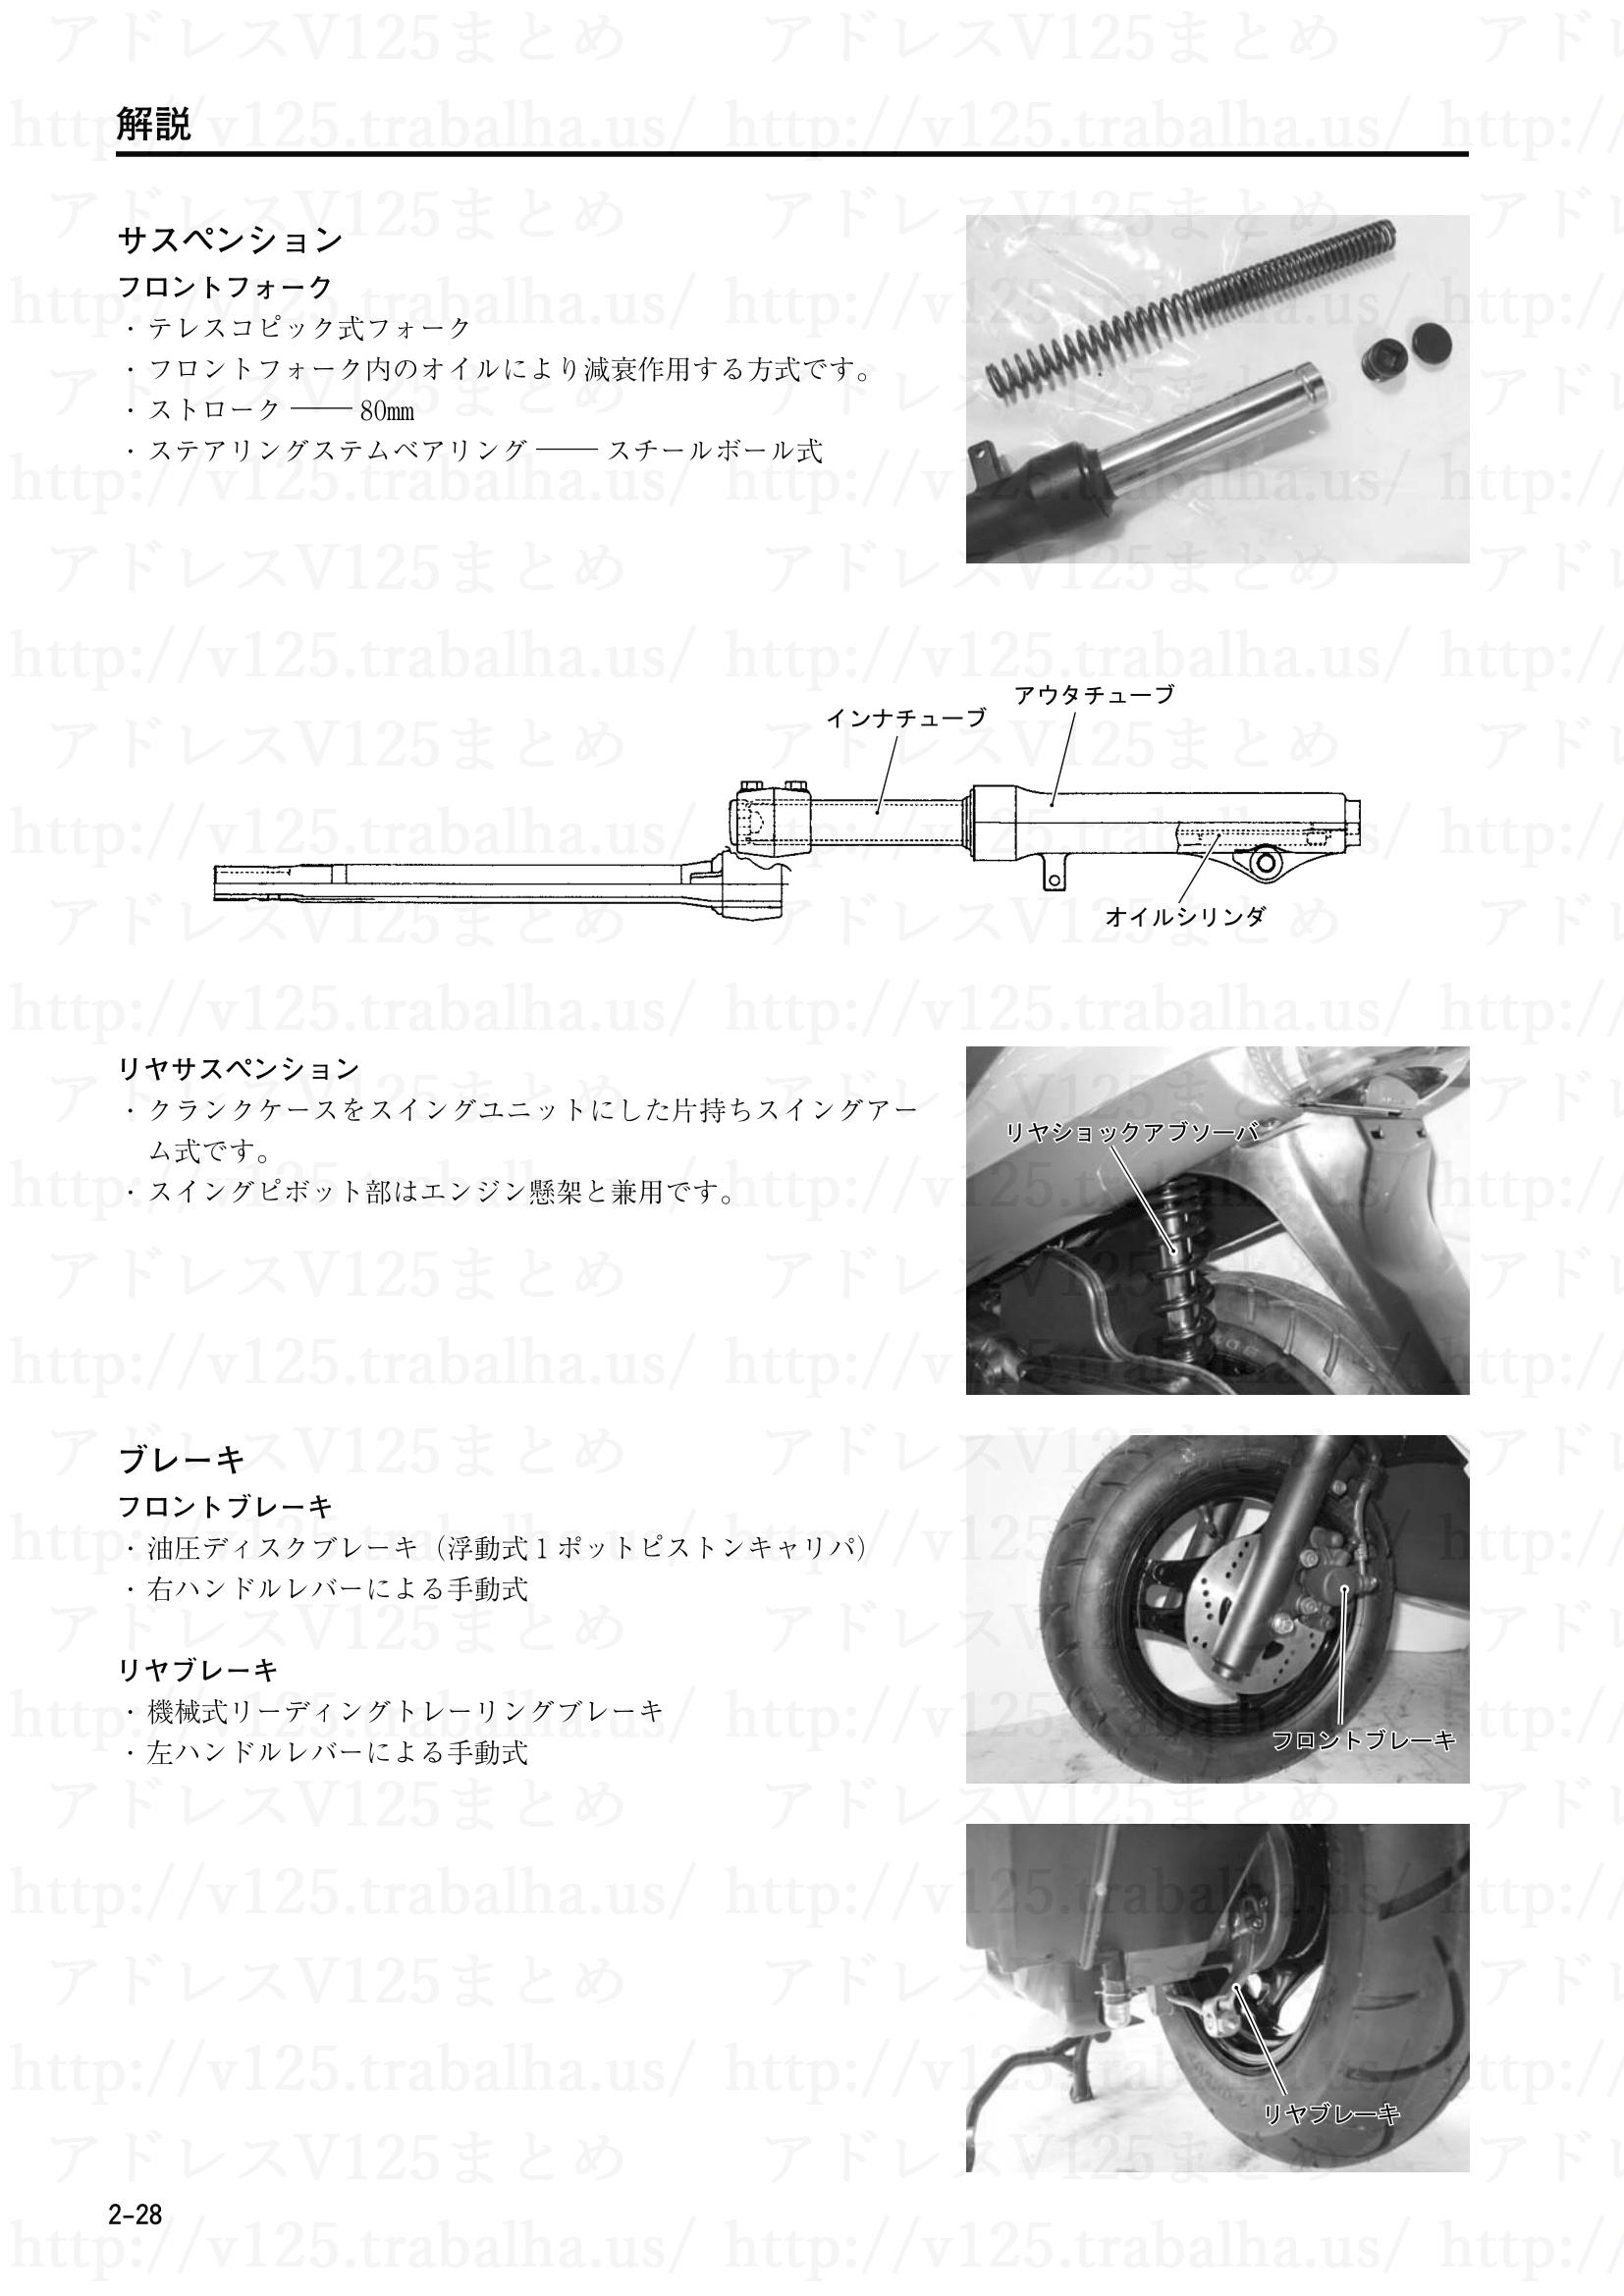 2-28【解説】サスペンション